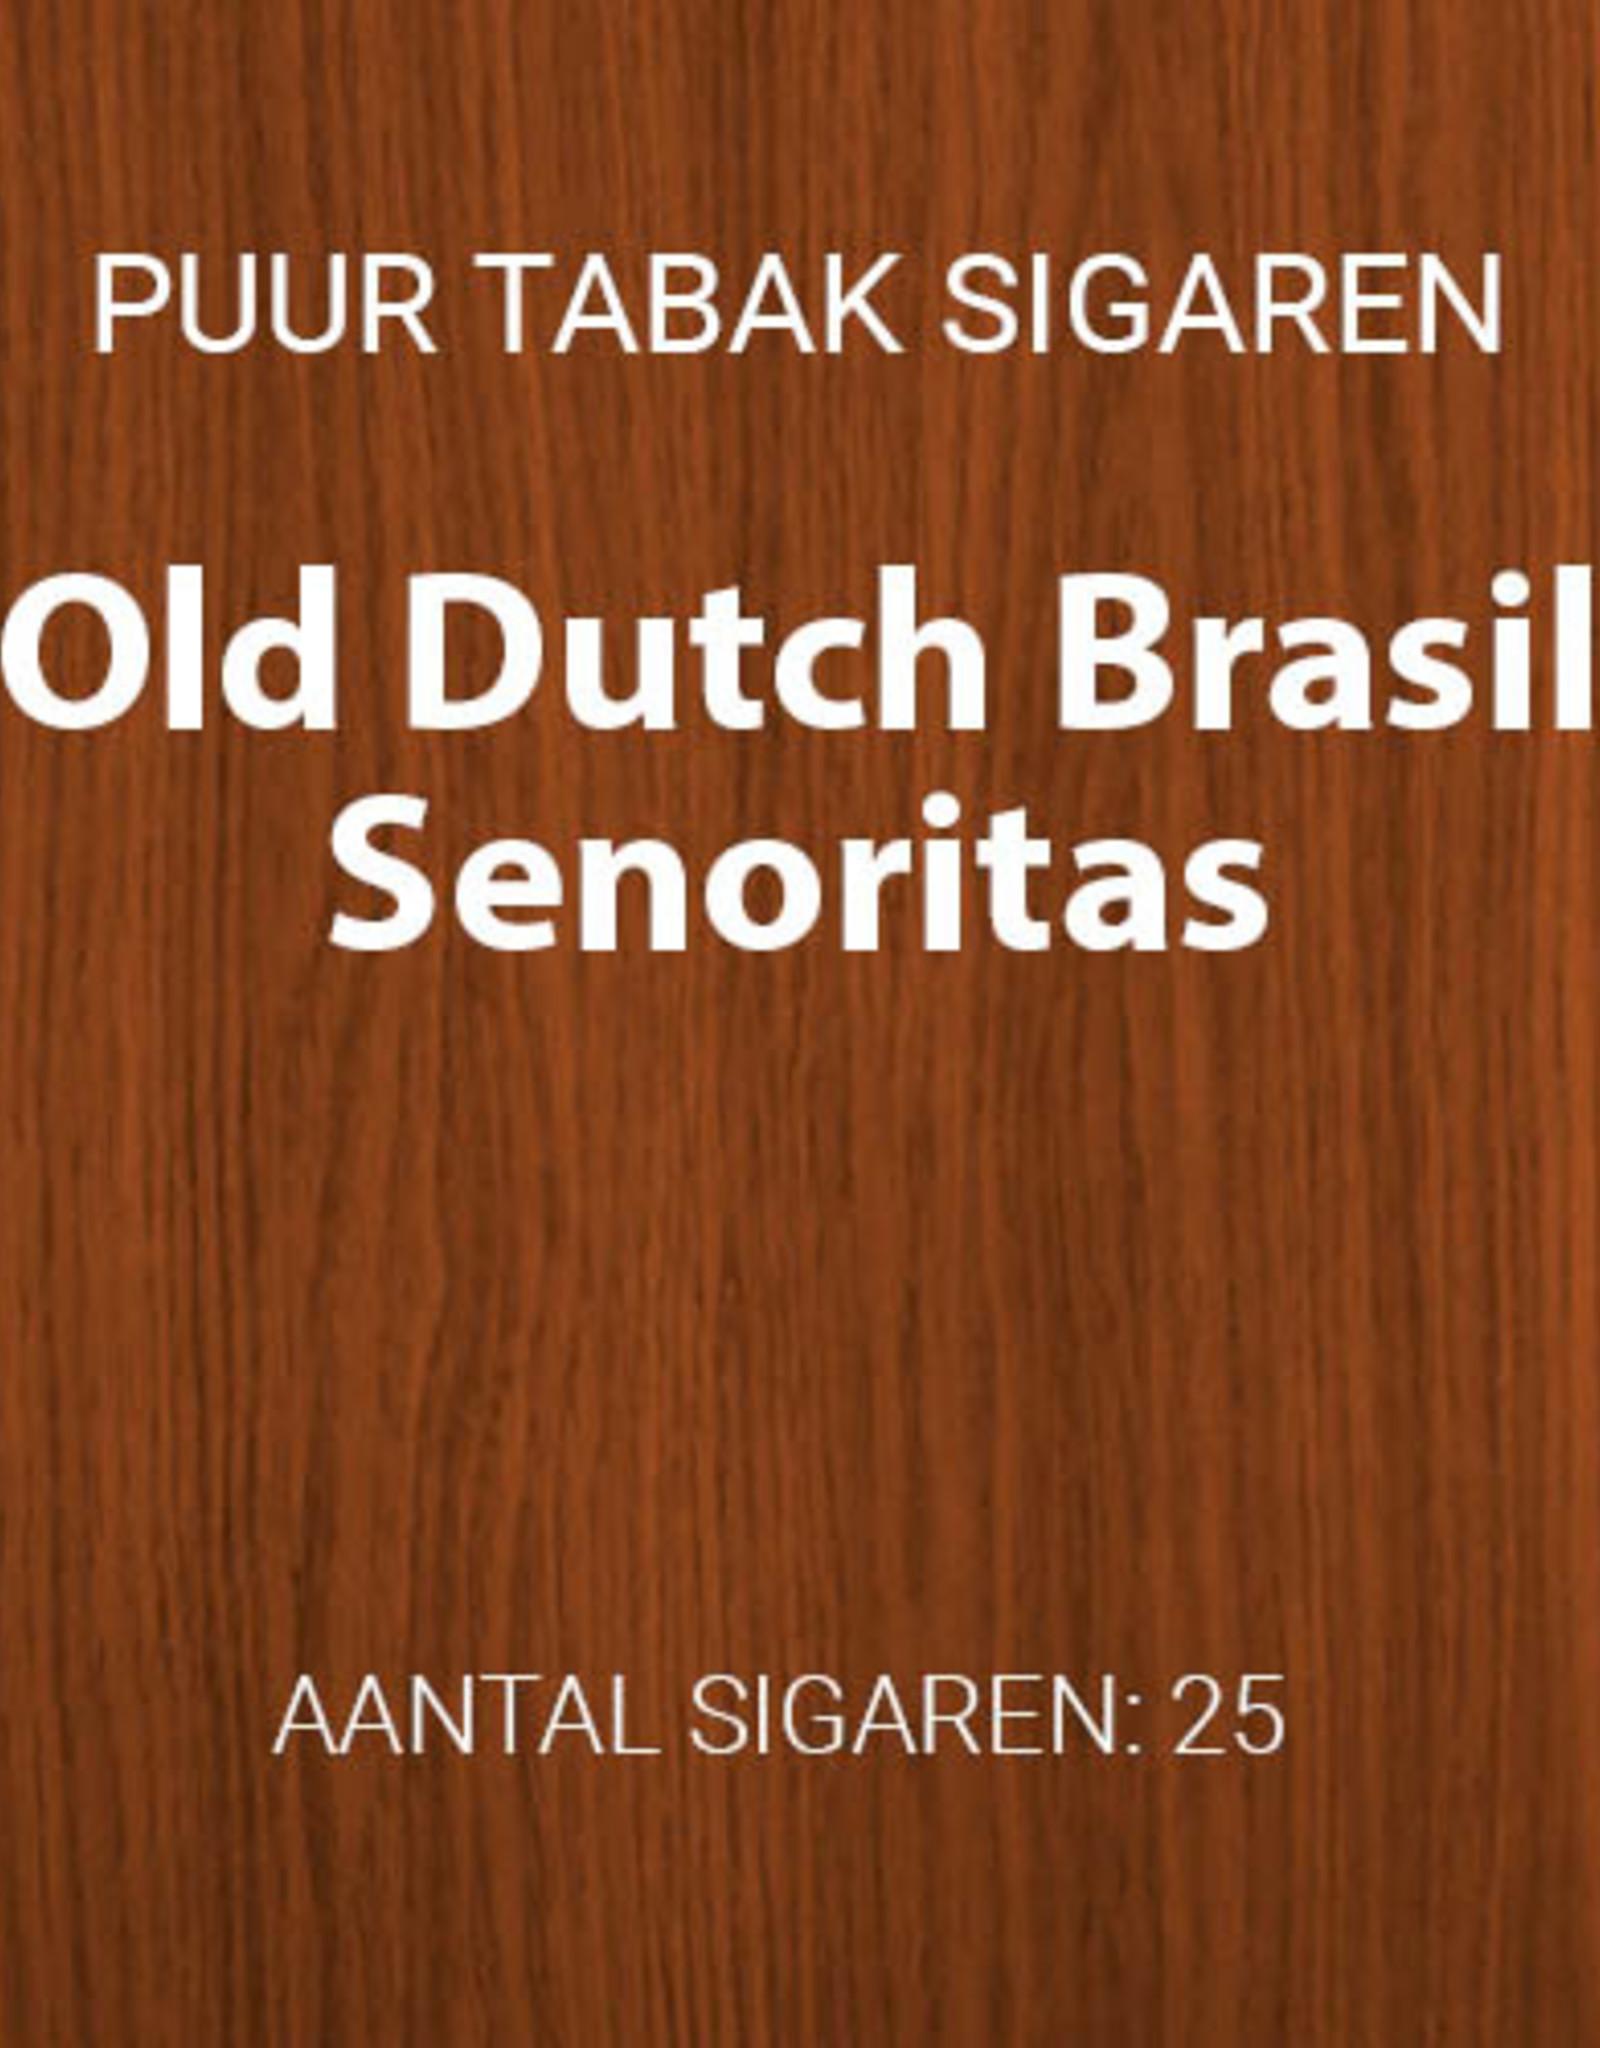 Old Dutch Old Dutch Brasil Senoritas